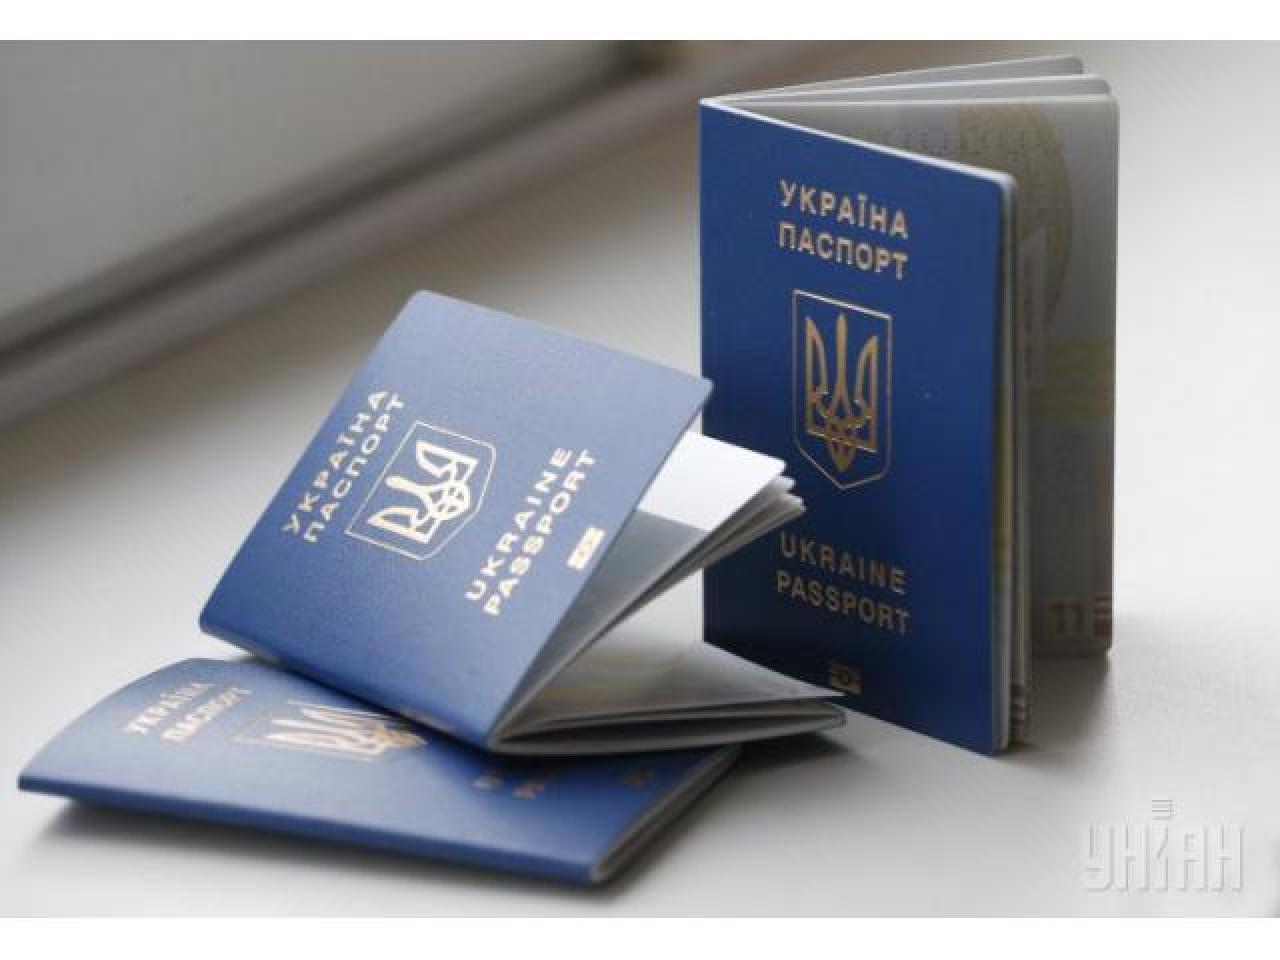 Паспорт Украины, ID карта, загранпаспорт - 1